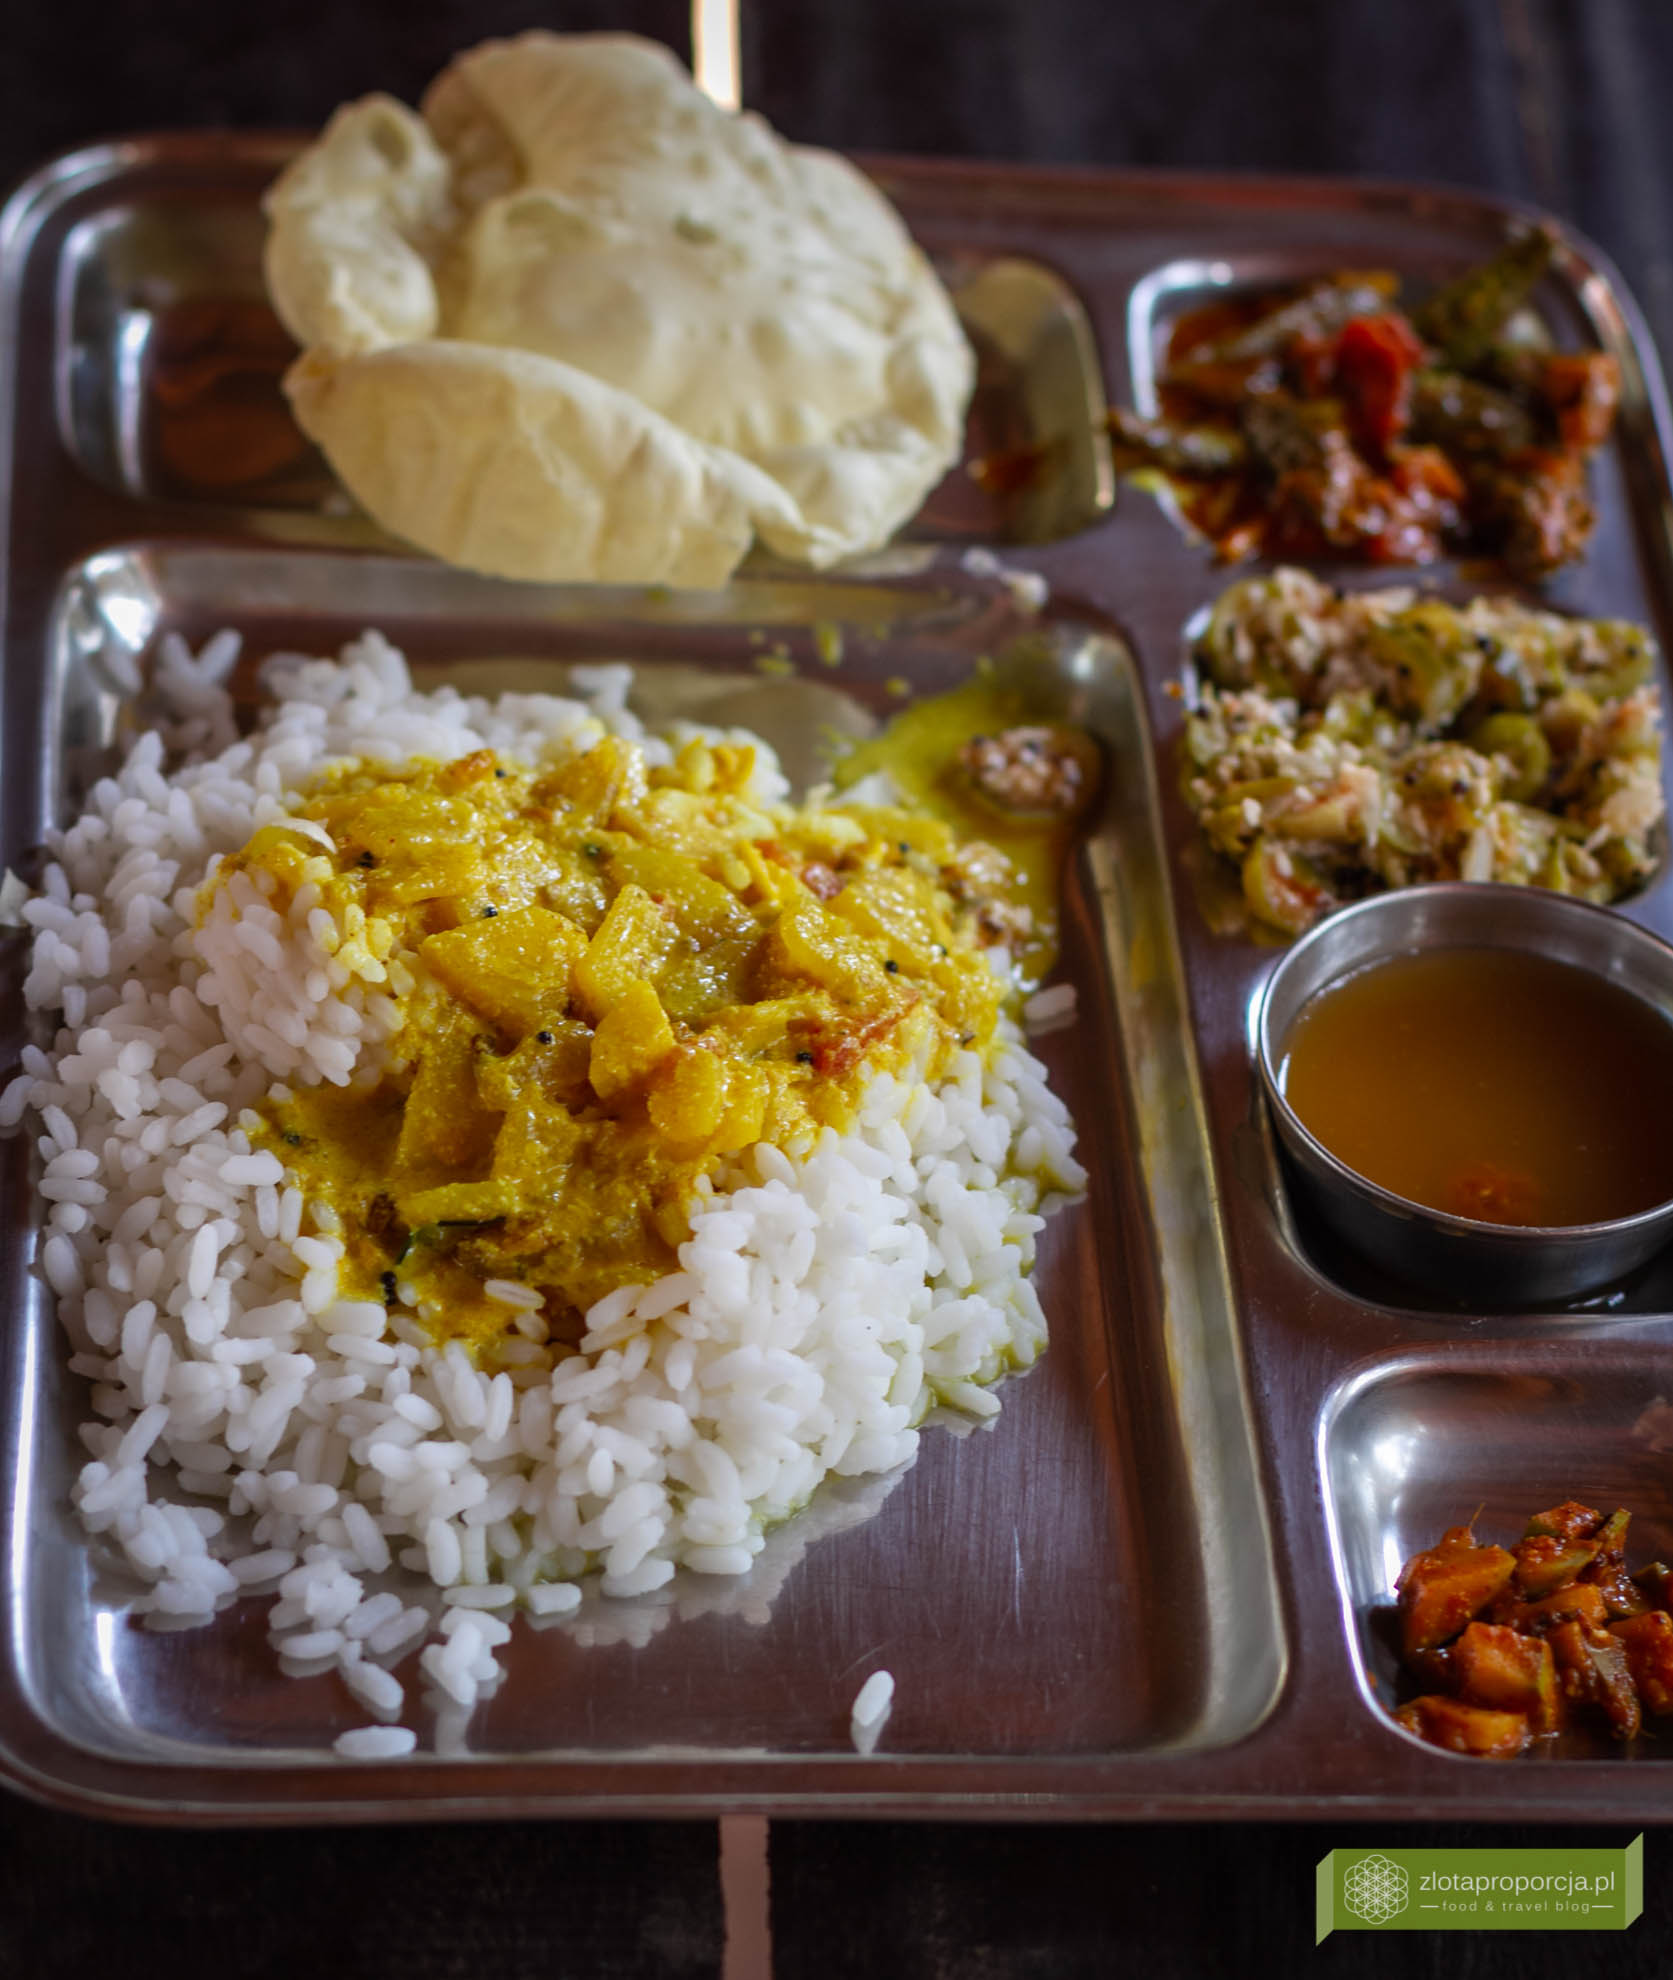 Indie, kuchnia indyjska, indyjskie potrawy, thali